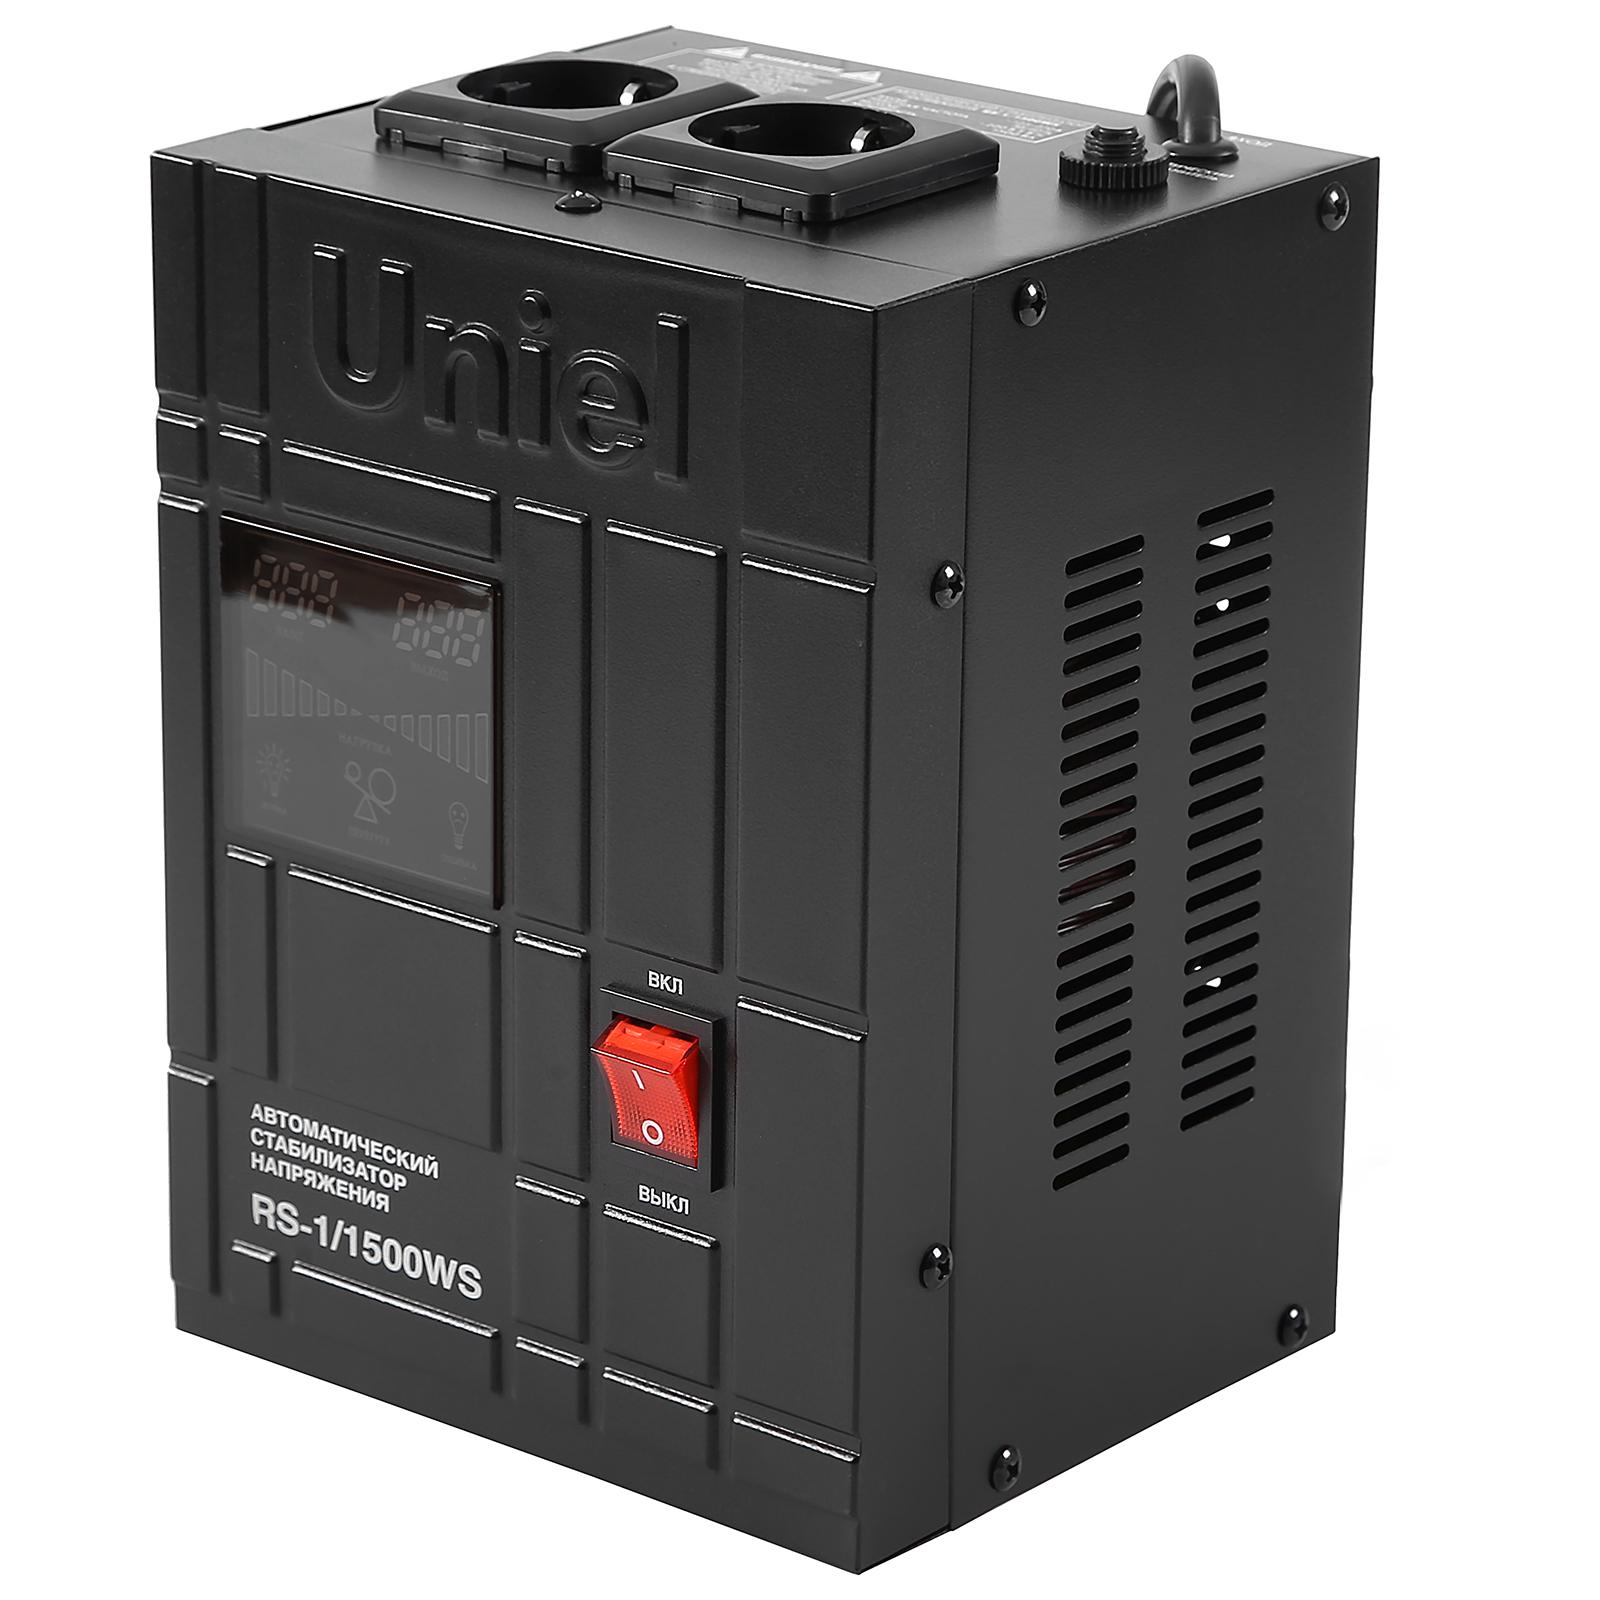 Uniel RS-1/1500WS